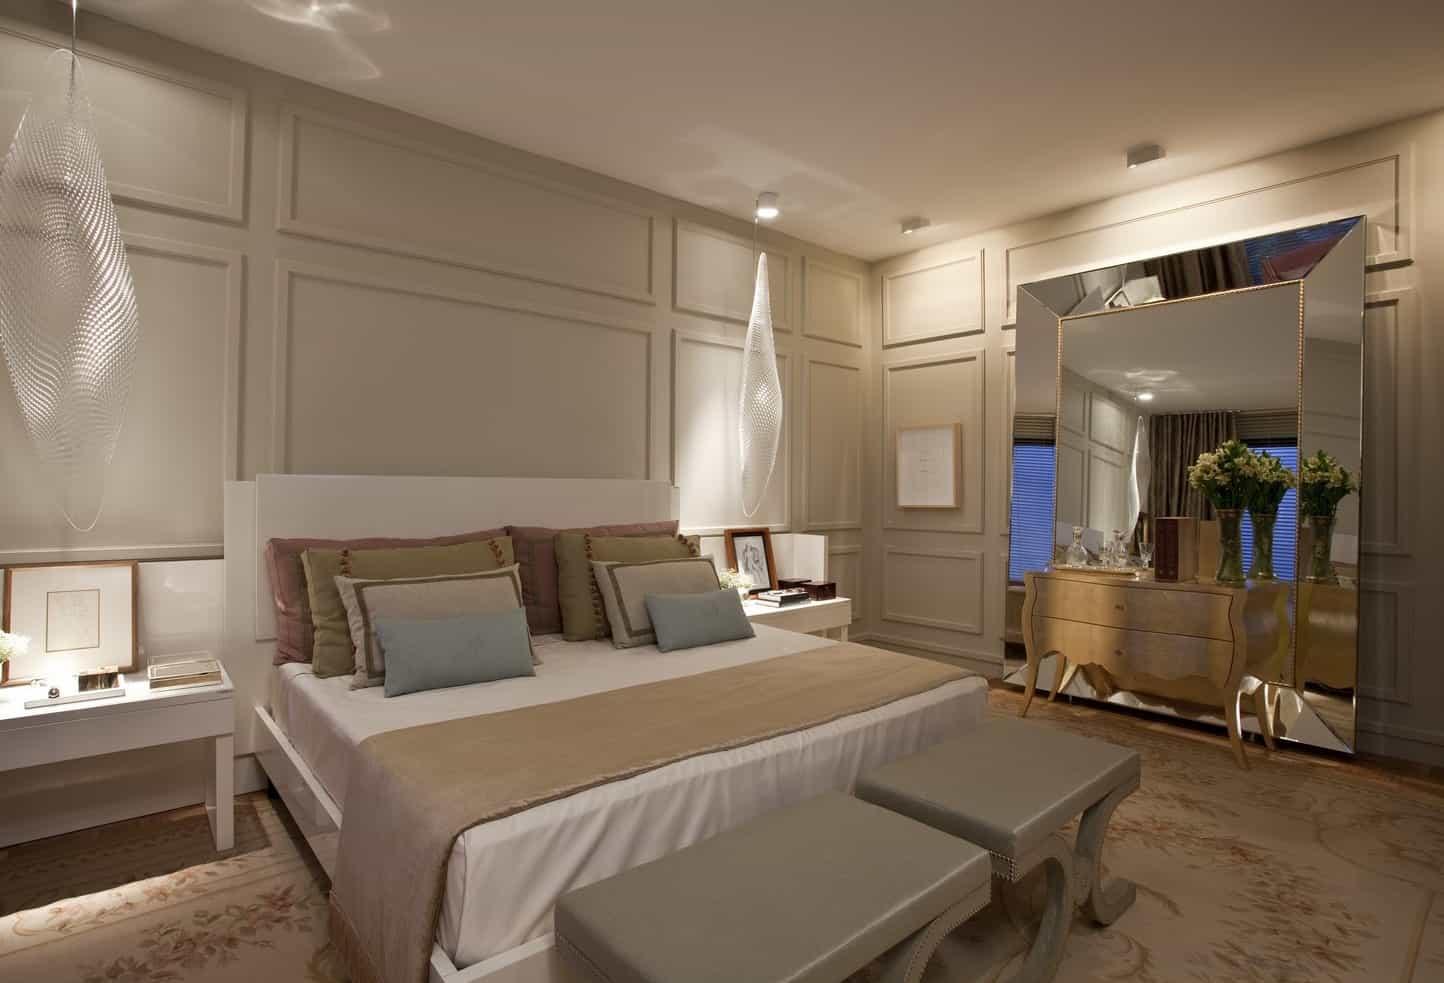 decoracao de interiores quarto de casal:Quarto de Casal + FOTOS, IDEIAS de DECORAÇÃO, MODELOS